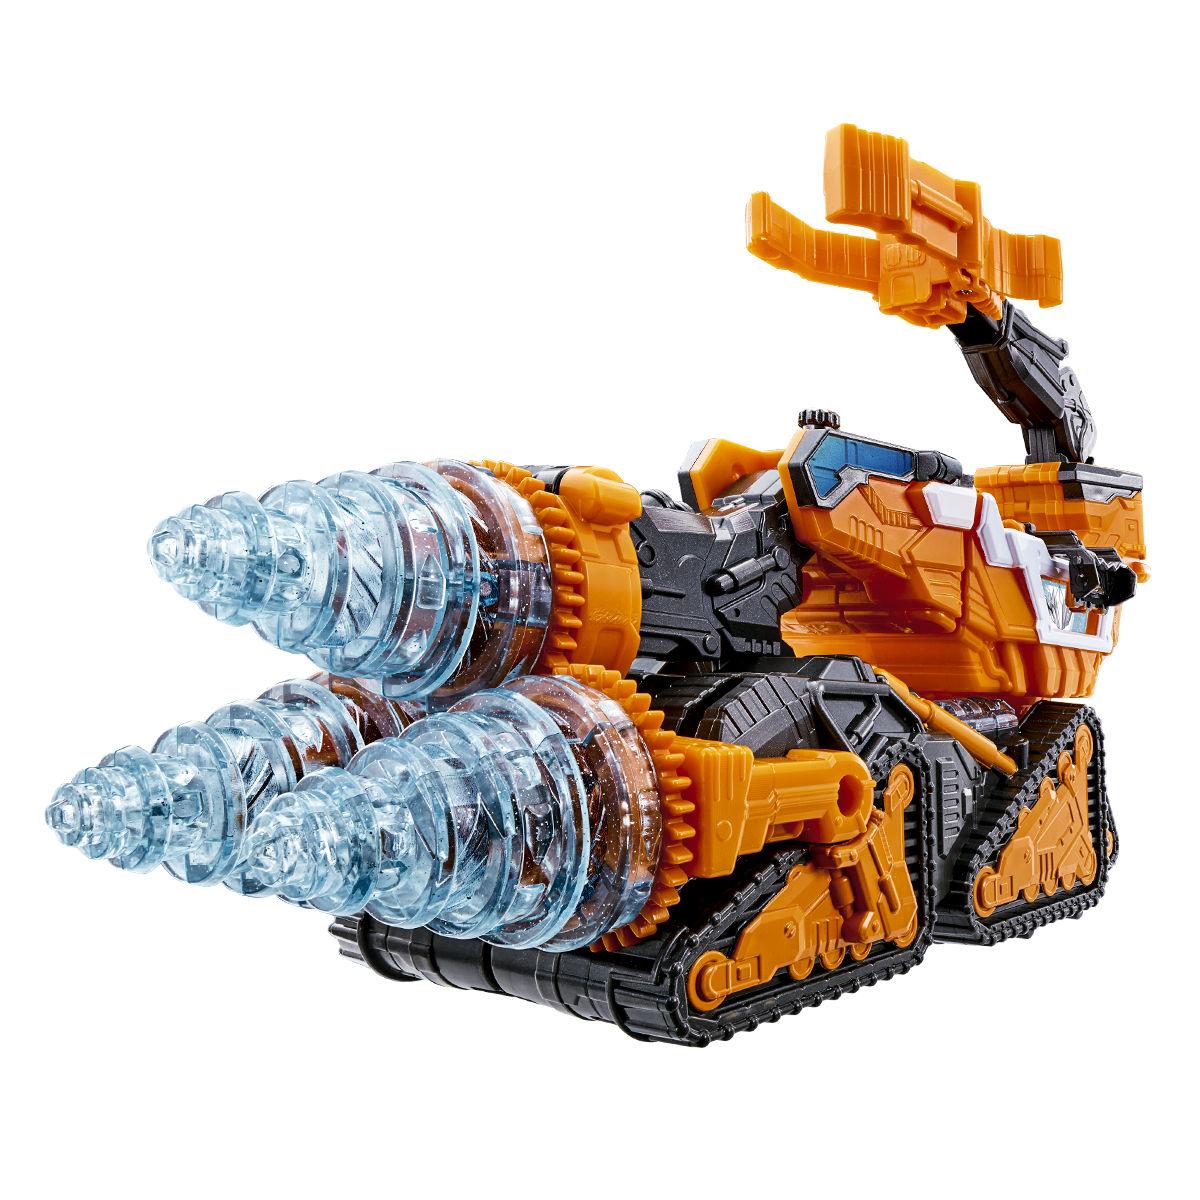 魔進変形 DXギガントドリラー 魔進武装セット